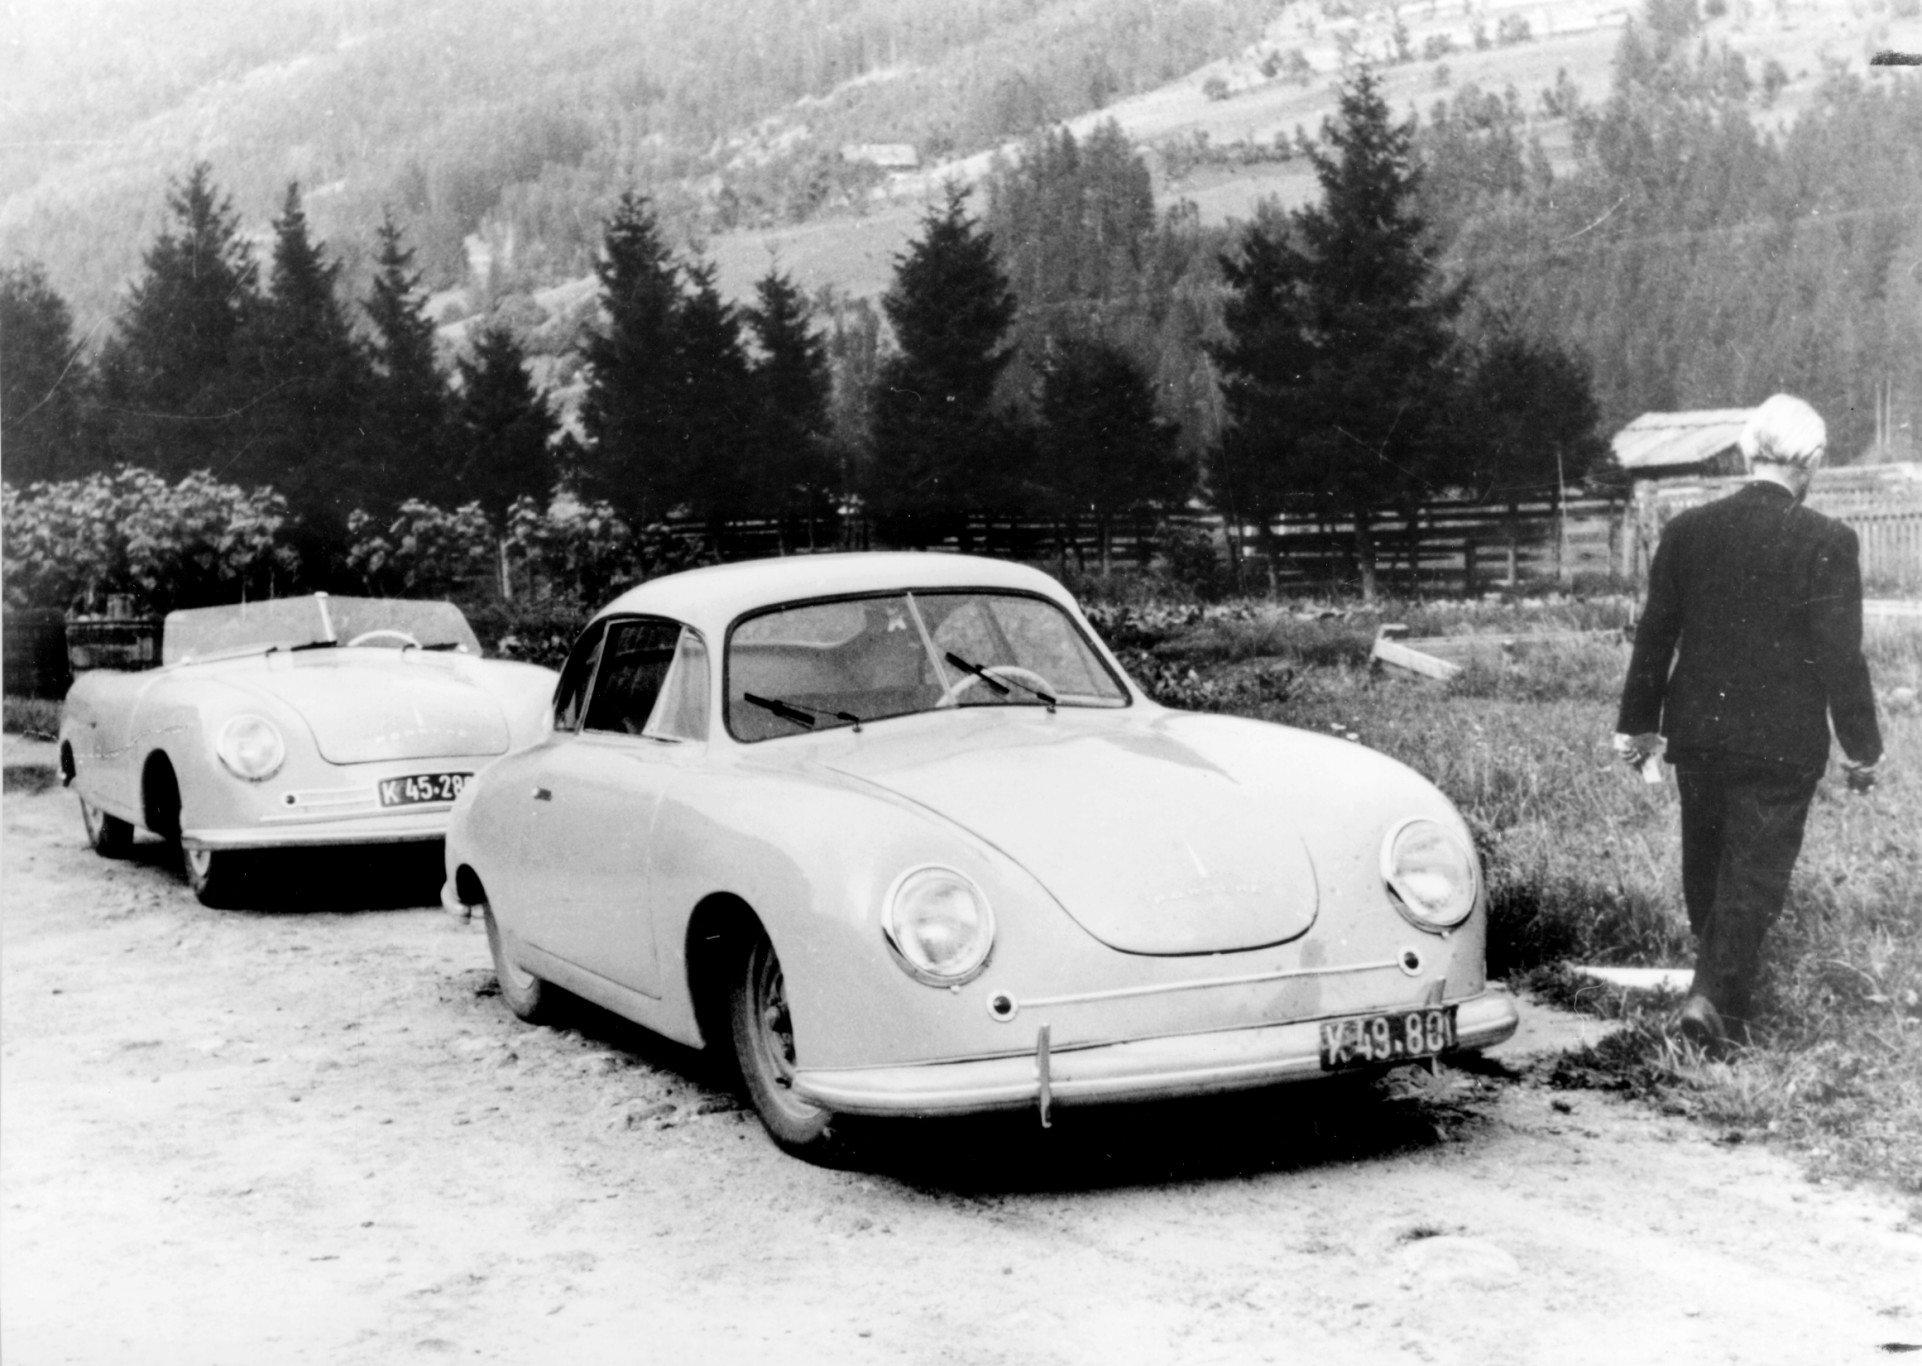 original Porsche 356-1 and 356-2